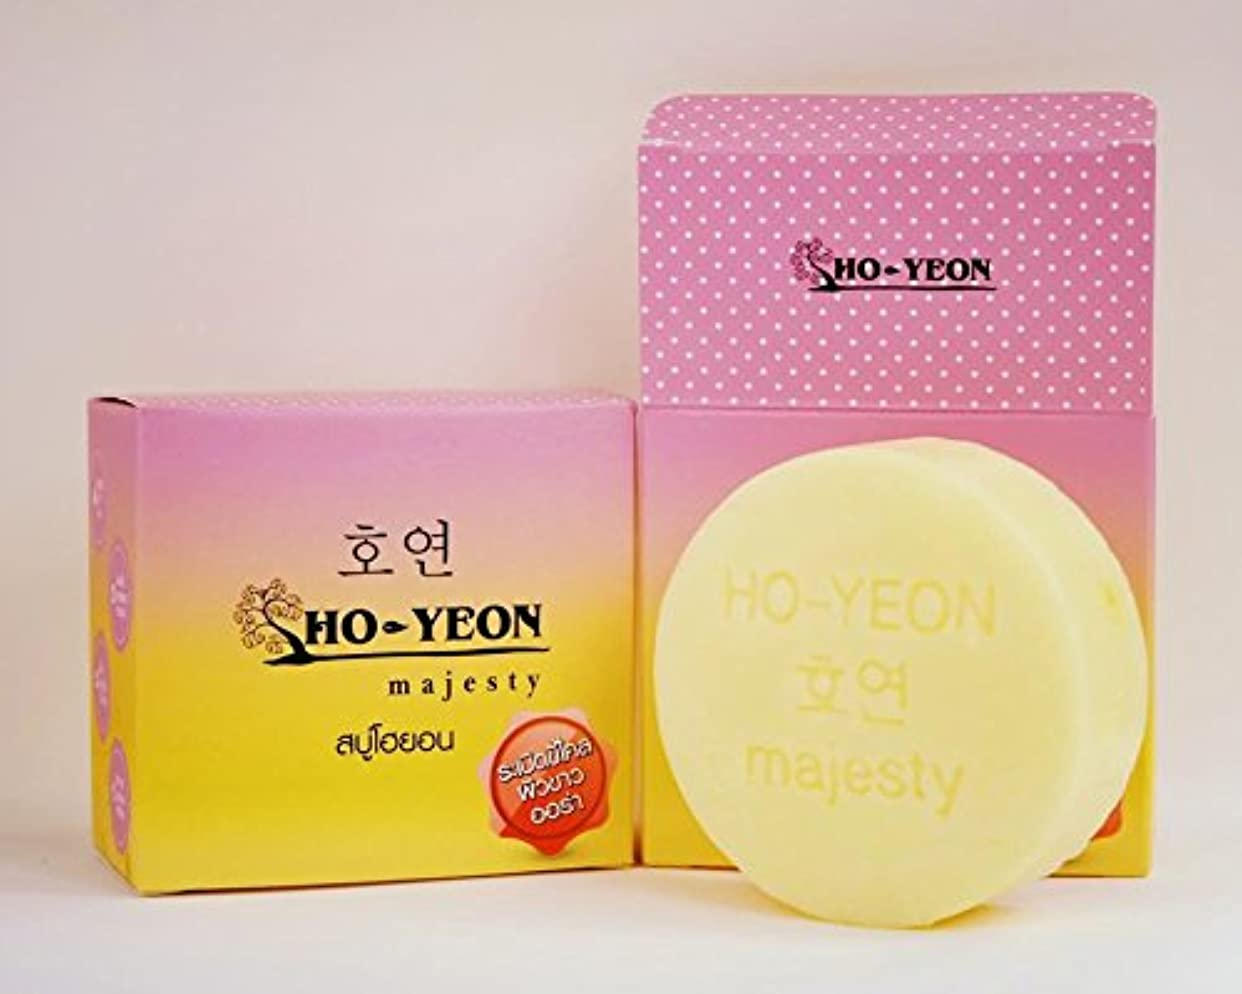 アコードインタフェースアカデミー1 X Natural Herbal Whitening Soap. Soap Yeon Ho-yeon the HO (80 grams) Free shipping